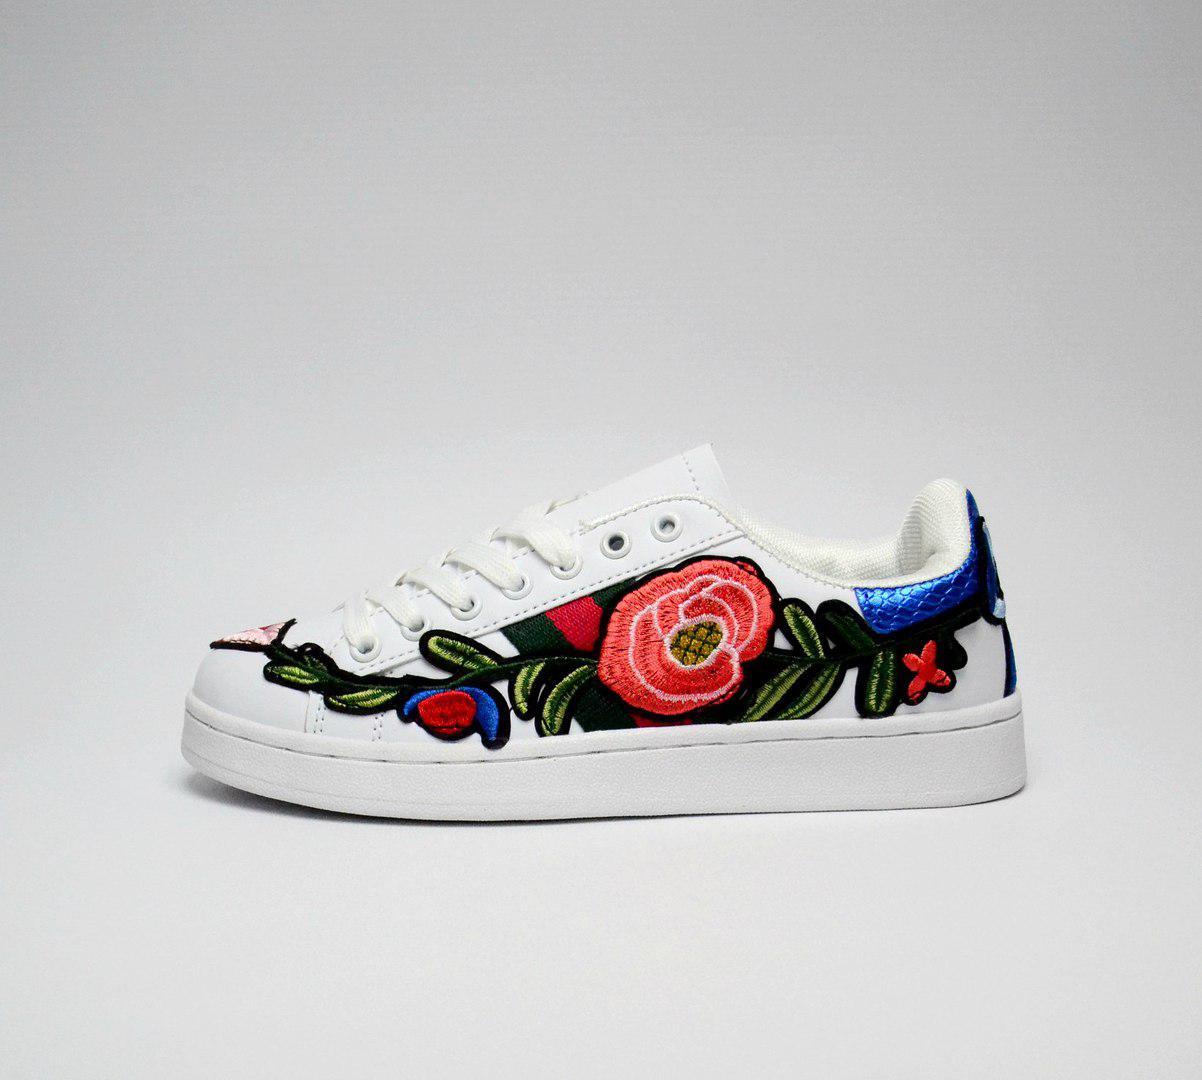 Женские кроссовки Gucci, Белые с принтом Цветы, Эко-кожа, Прошиты - Интернет 50f02acda9f